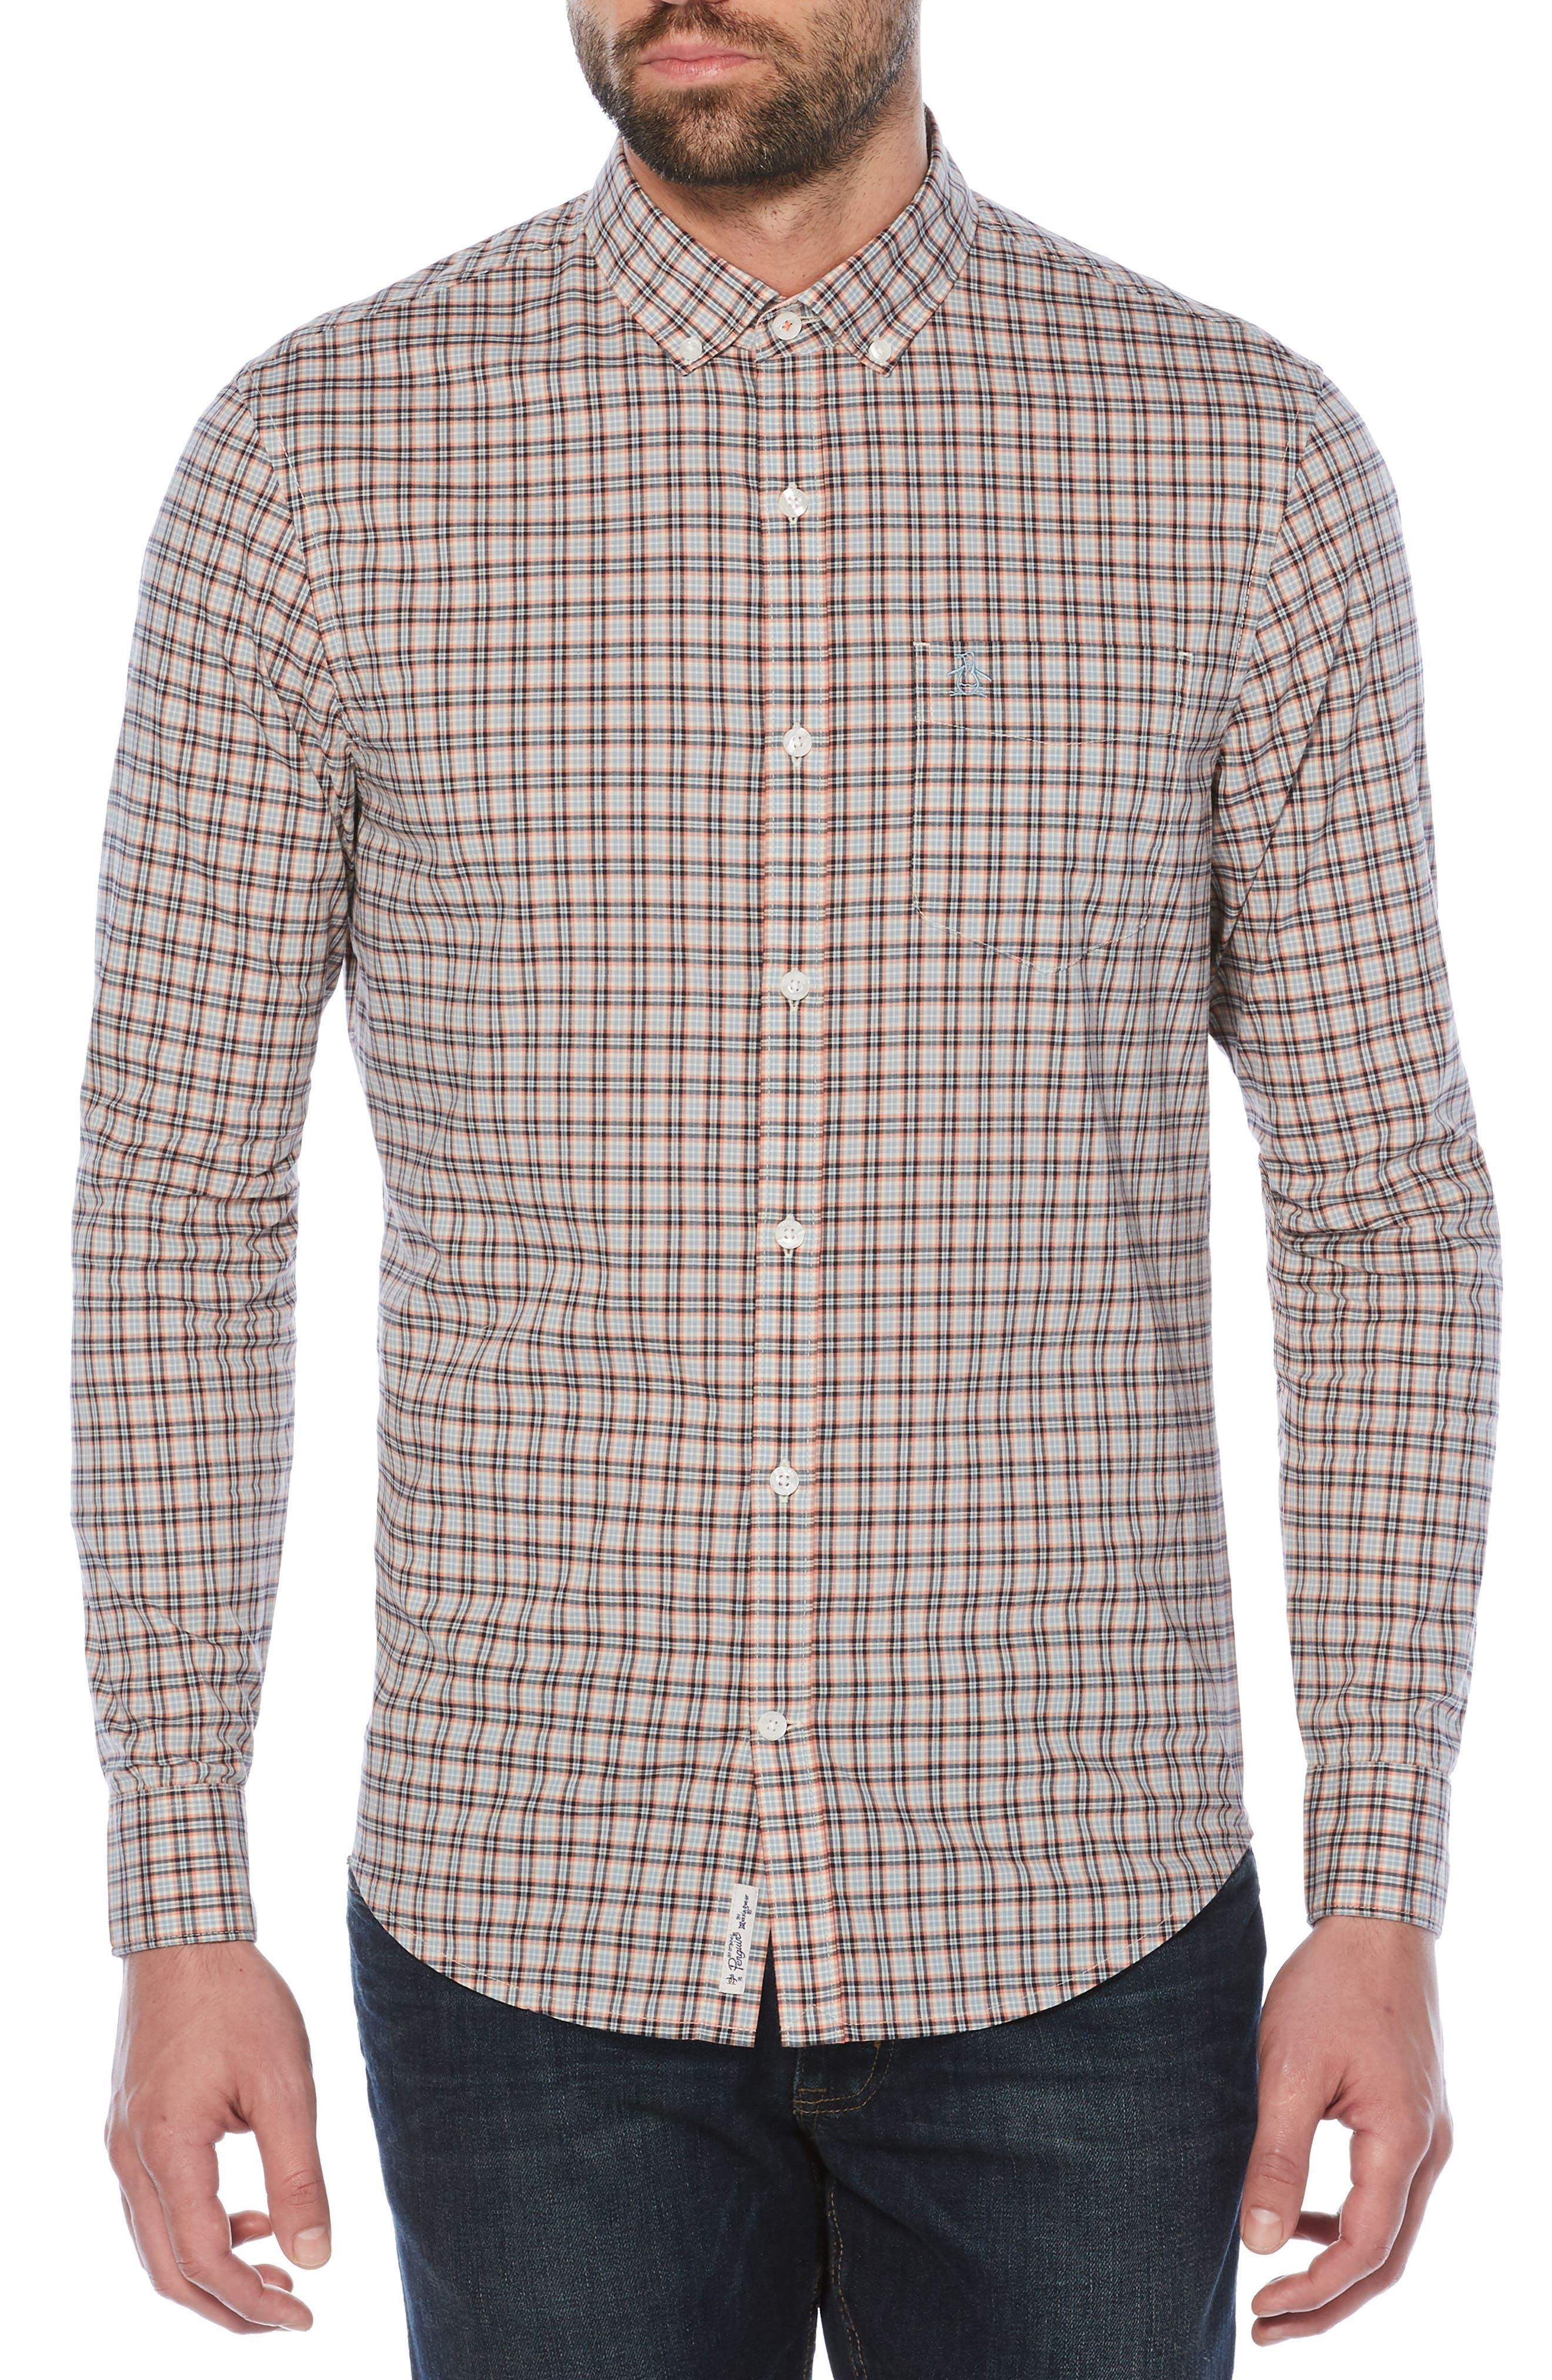 P55 Plaid Shirt,                         Main,                         color, 840